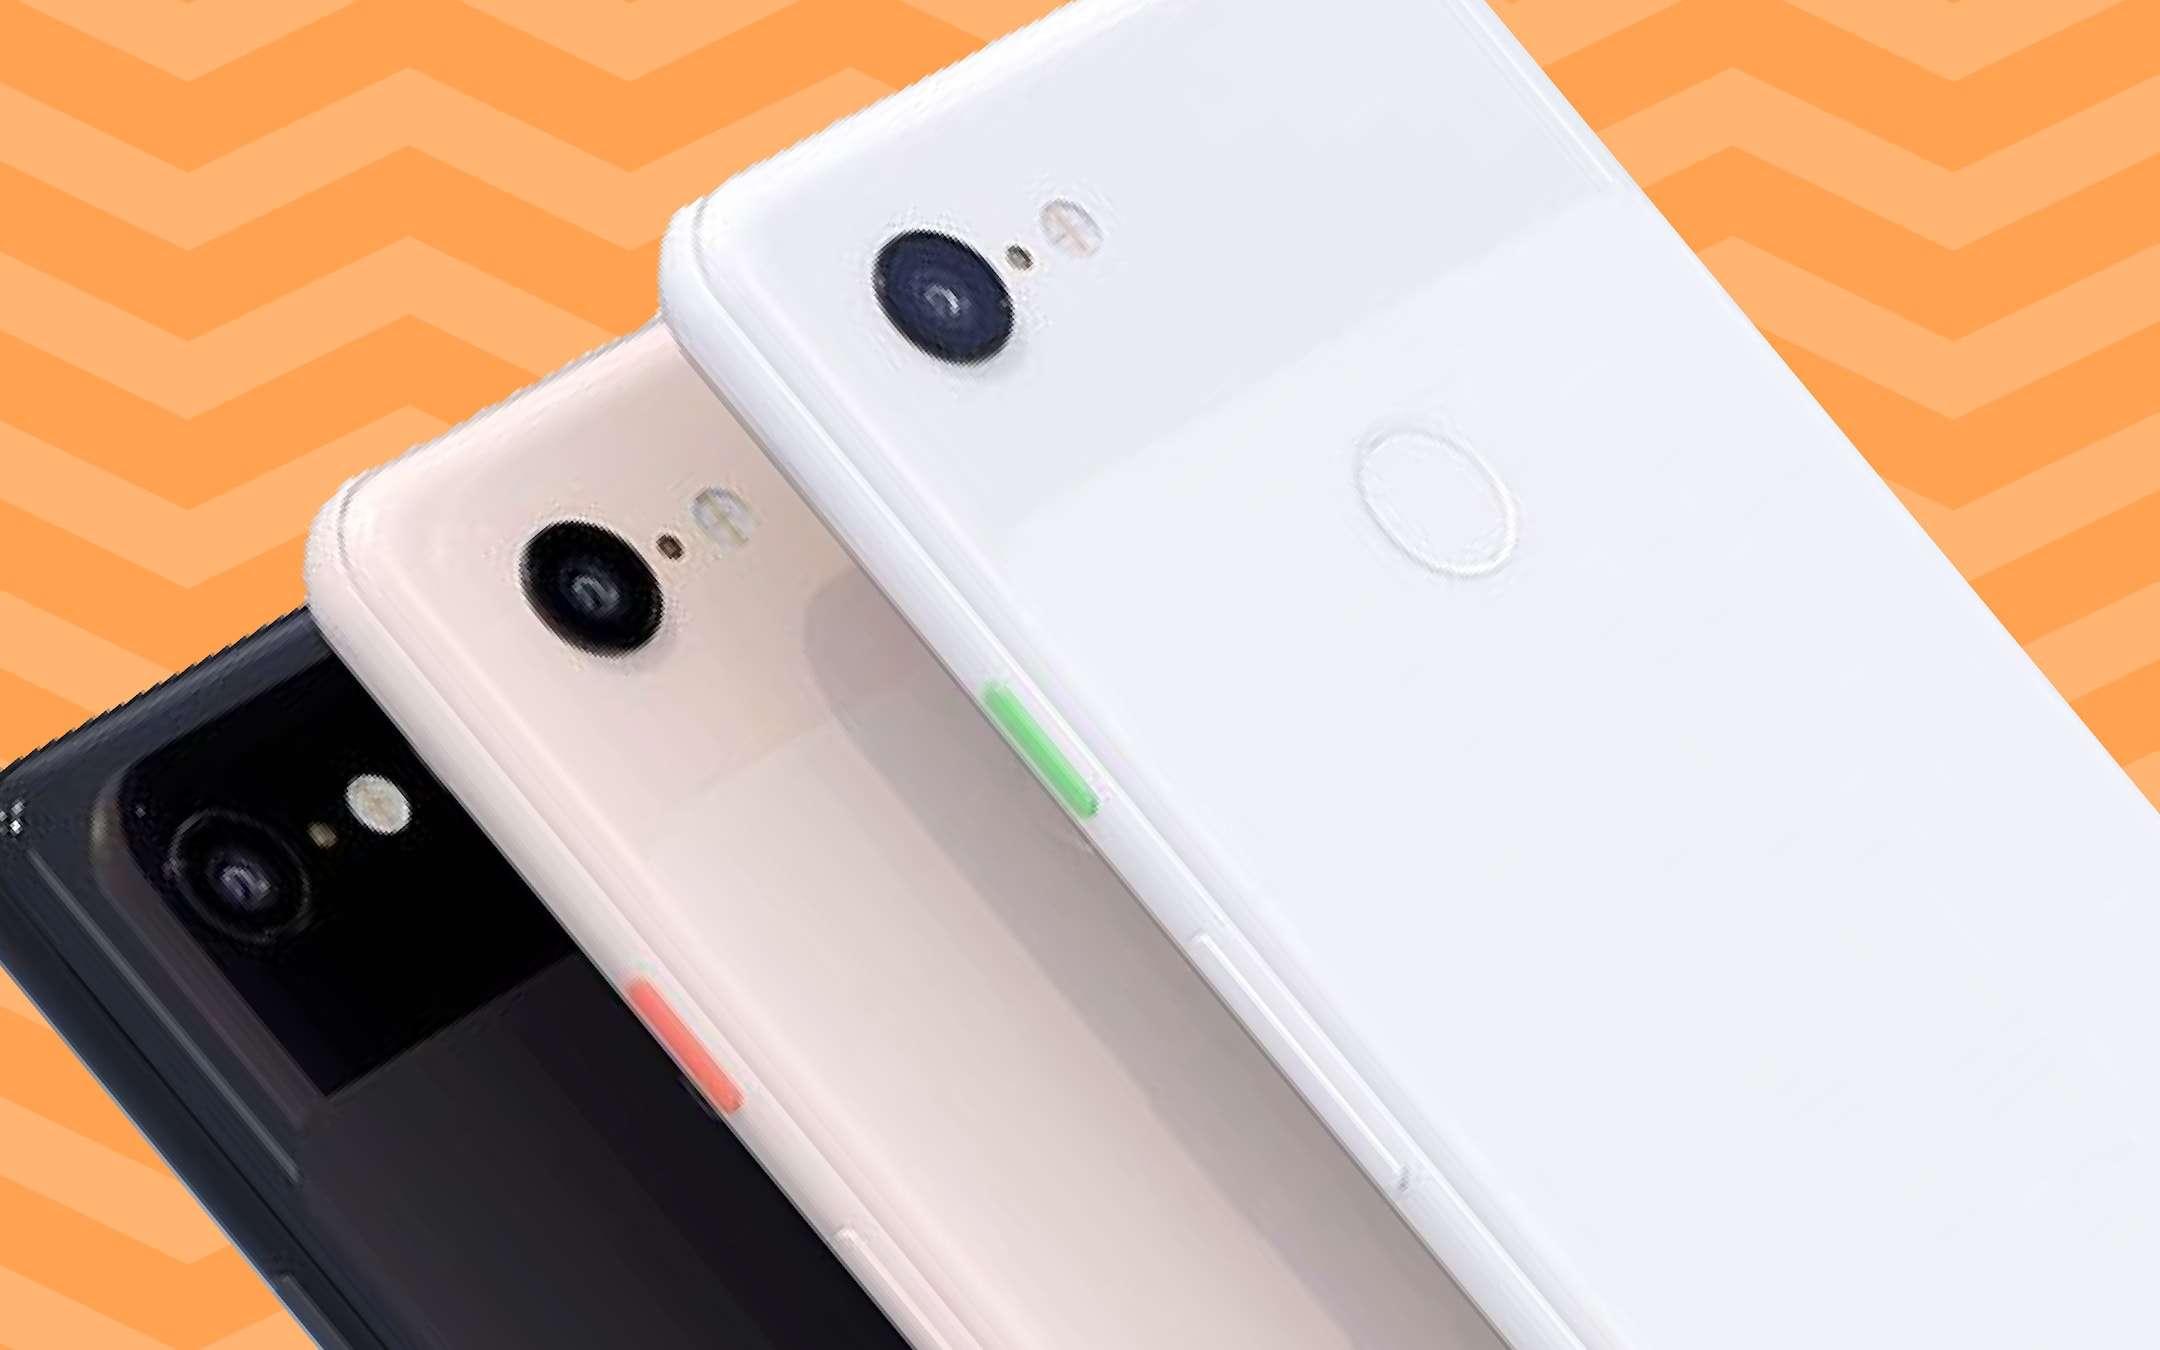 Come un Pixel, ma full screen: brevetto di Google